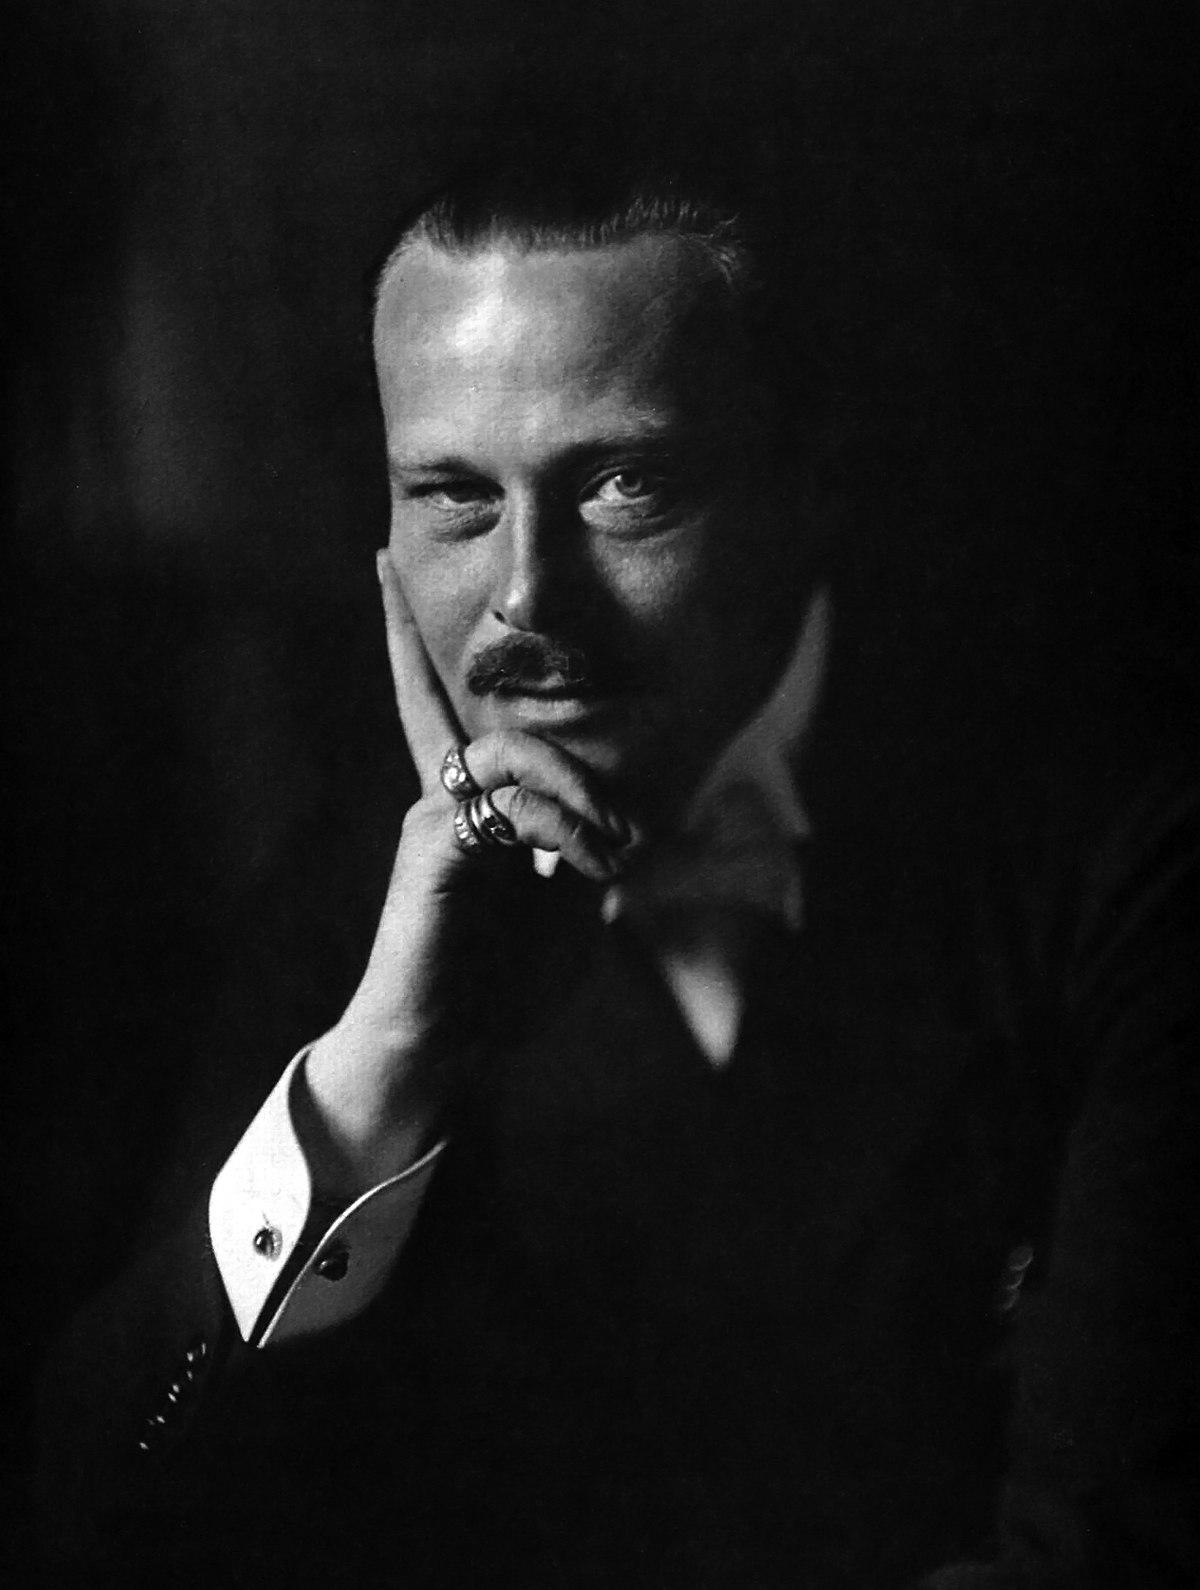 Ernst Ludwig von Hessen 1905 Foto Jacob Hilsdorf.jpeg